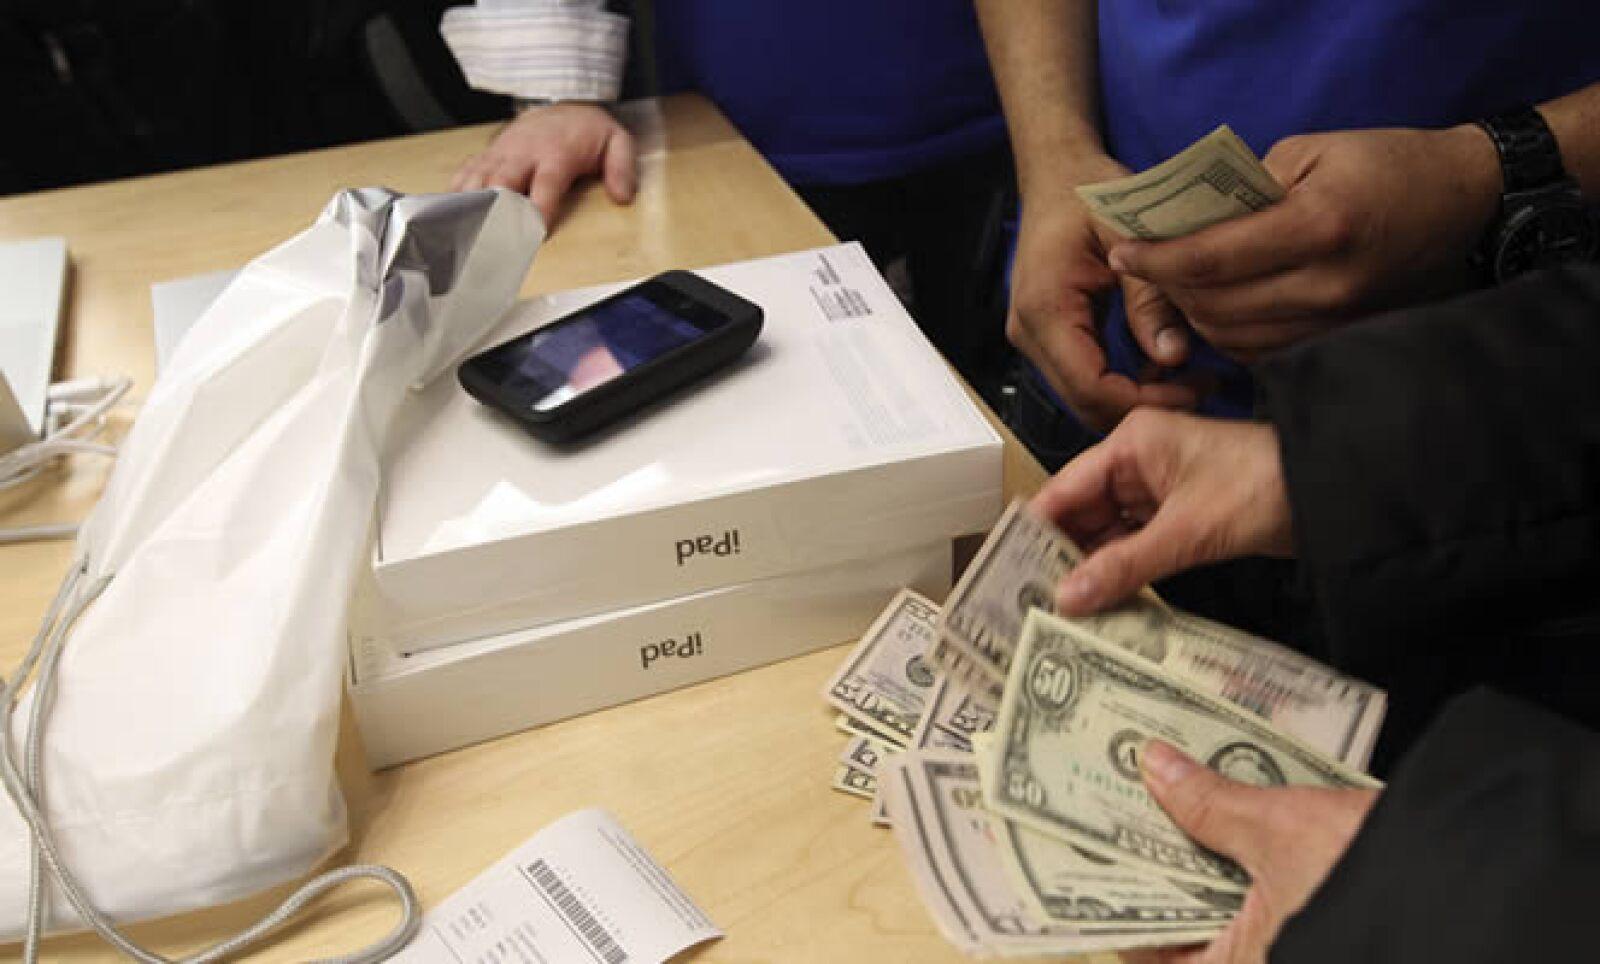 El precio de la iPad 2 oscila desde los 499 hasta los 849 dólares.